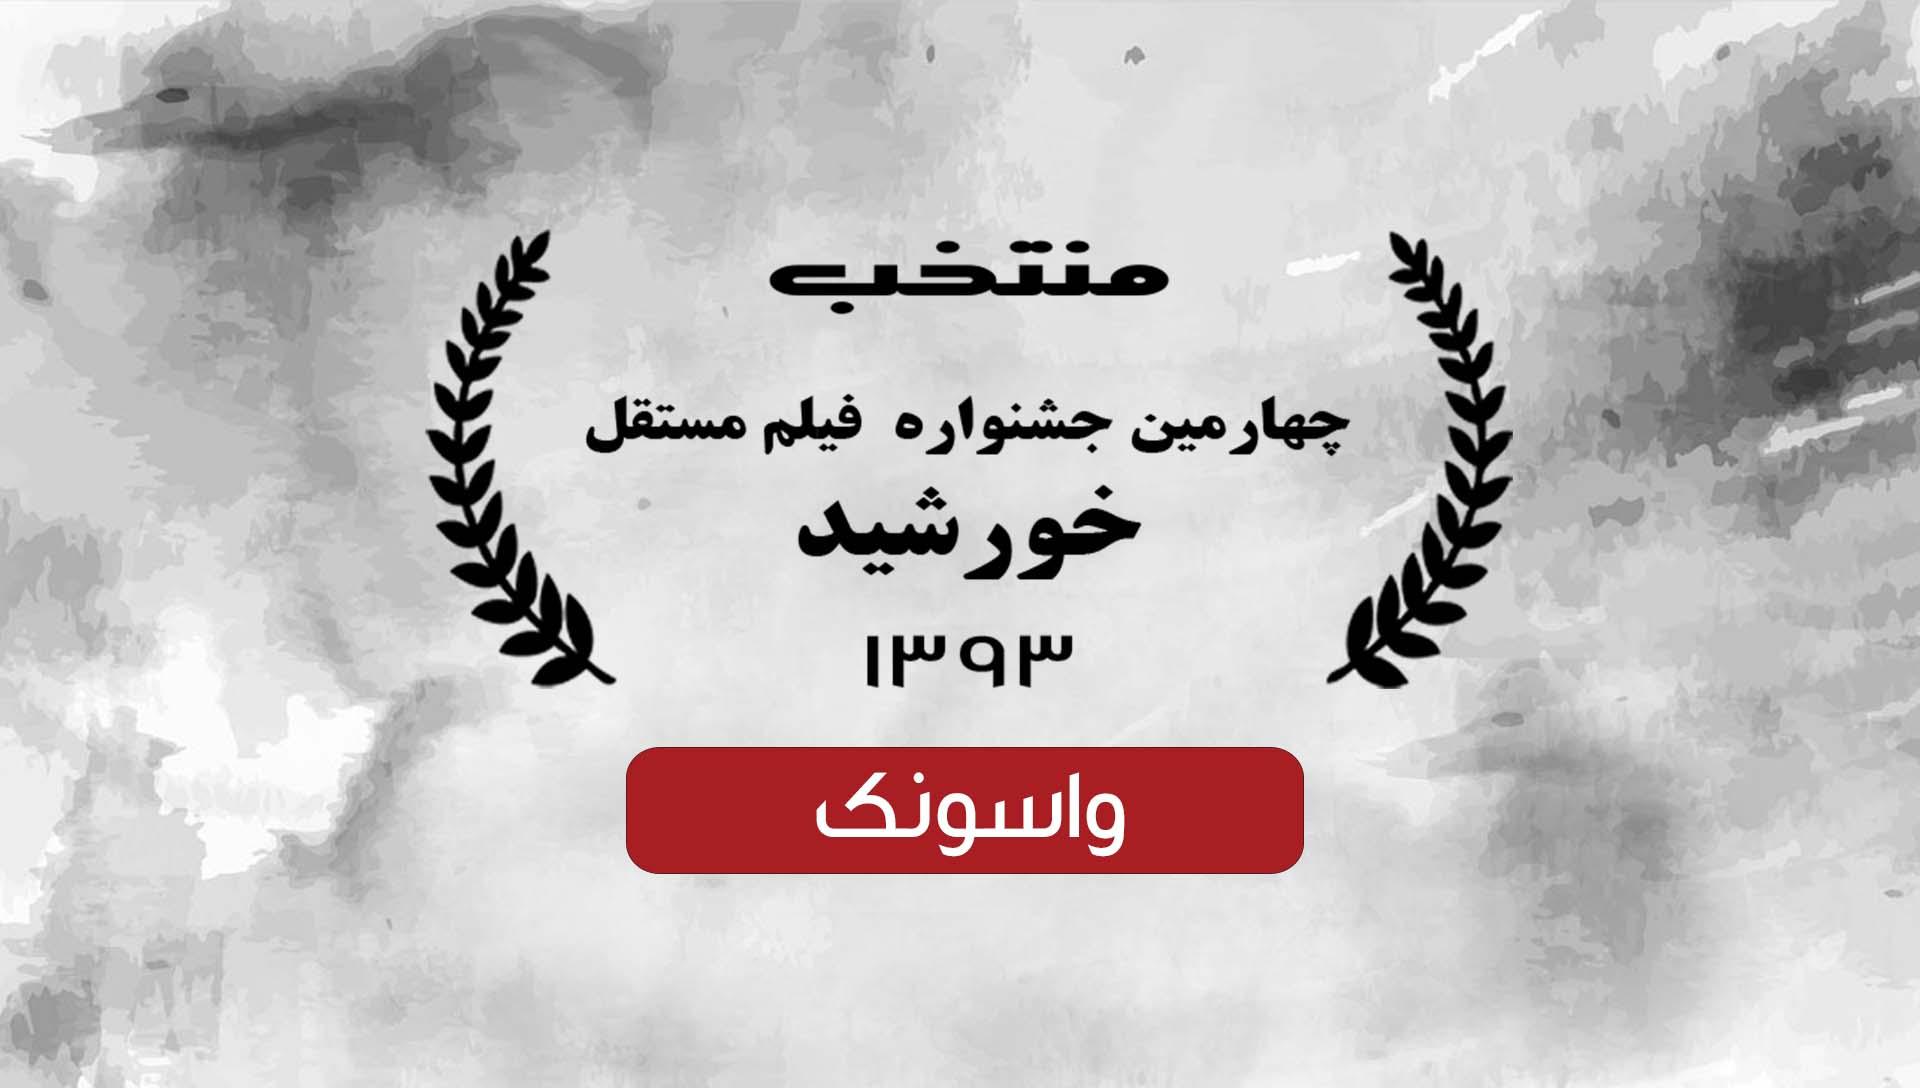 جشنواره فیلم مستقل خورشید 93 - شرکت فیلم سازی زوم شیراز برادران شریفی